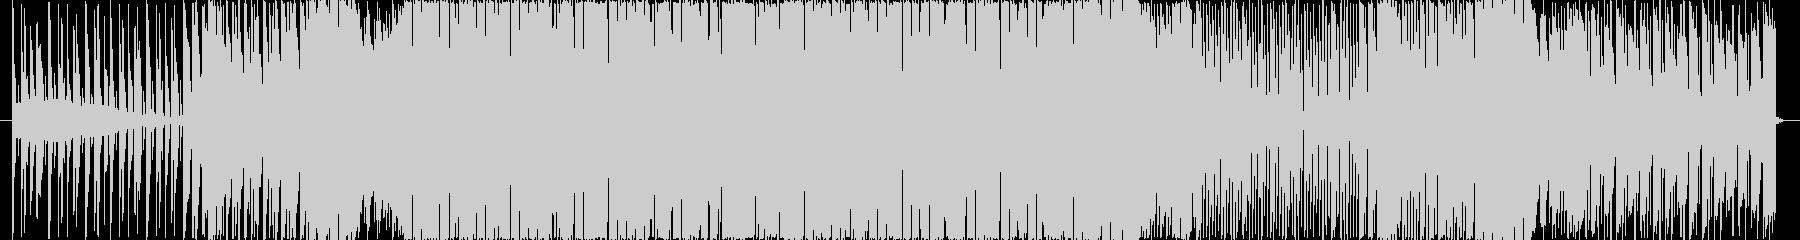 アクセルを全開にしたくなるユーロビート2の未再生の波形